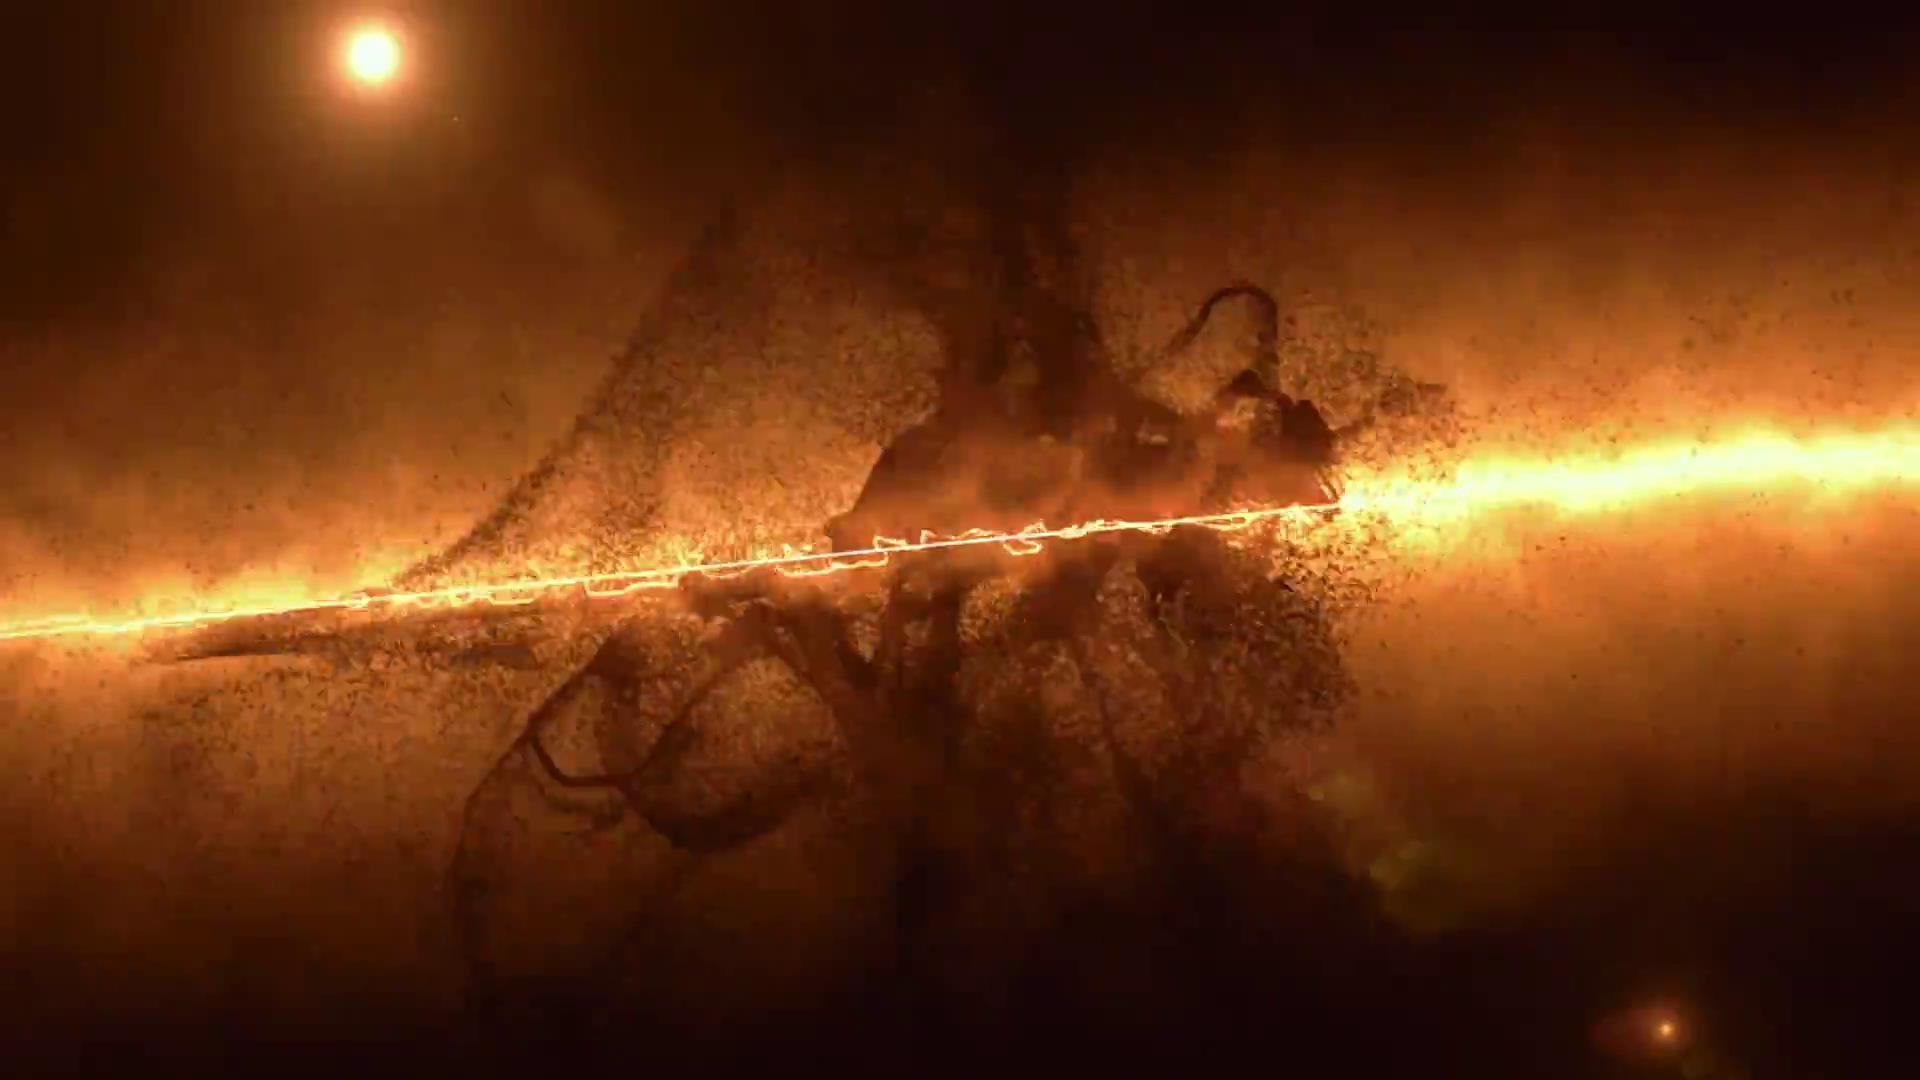 ae模板 神秘火光风沙化粒子汇聚组合logo模板 ae素材